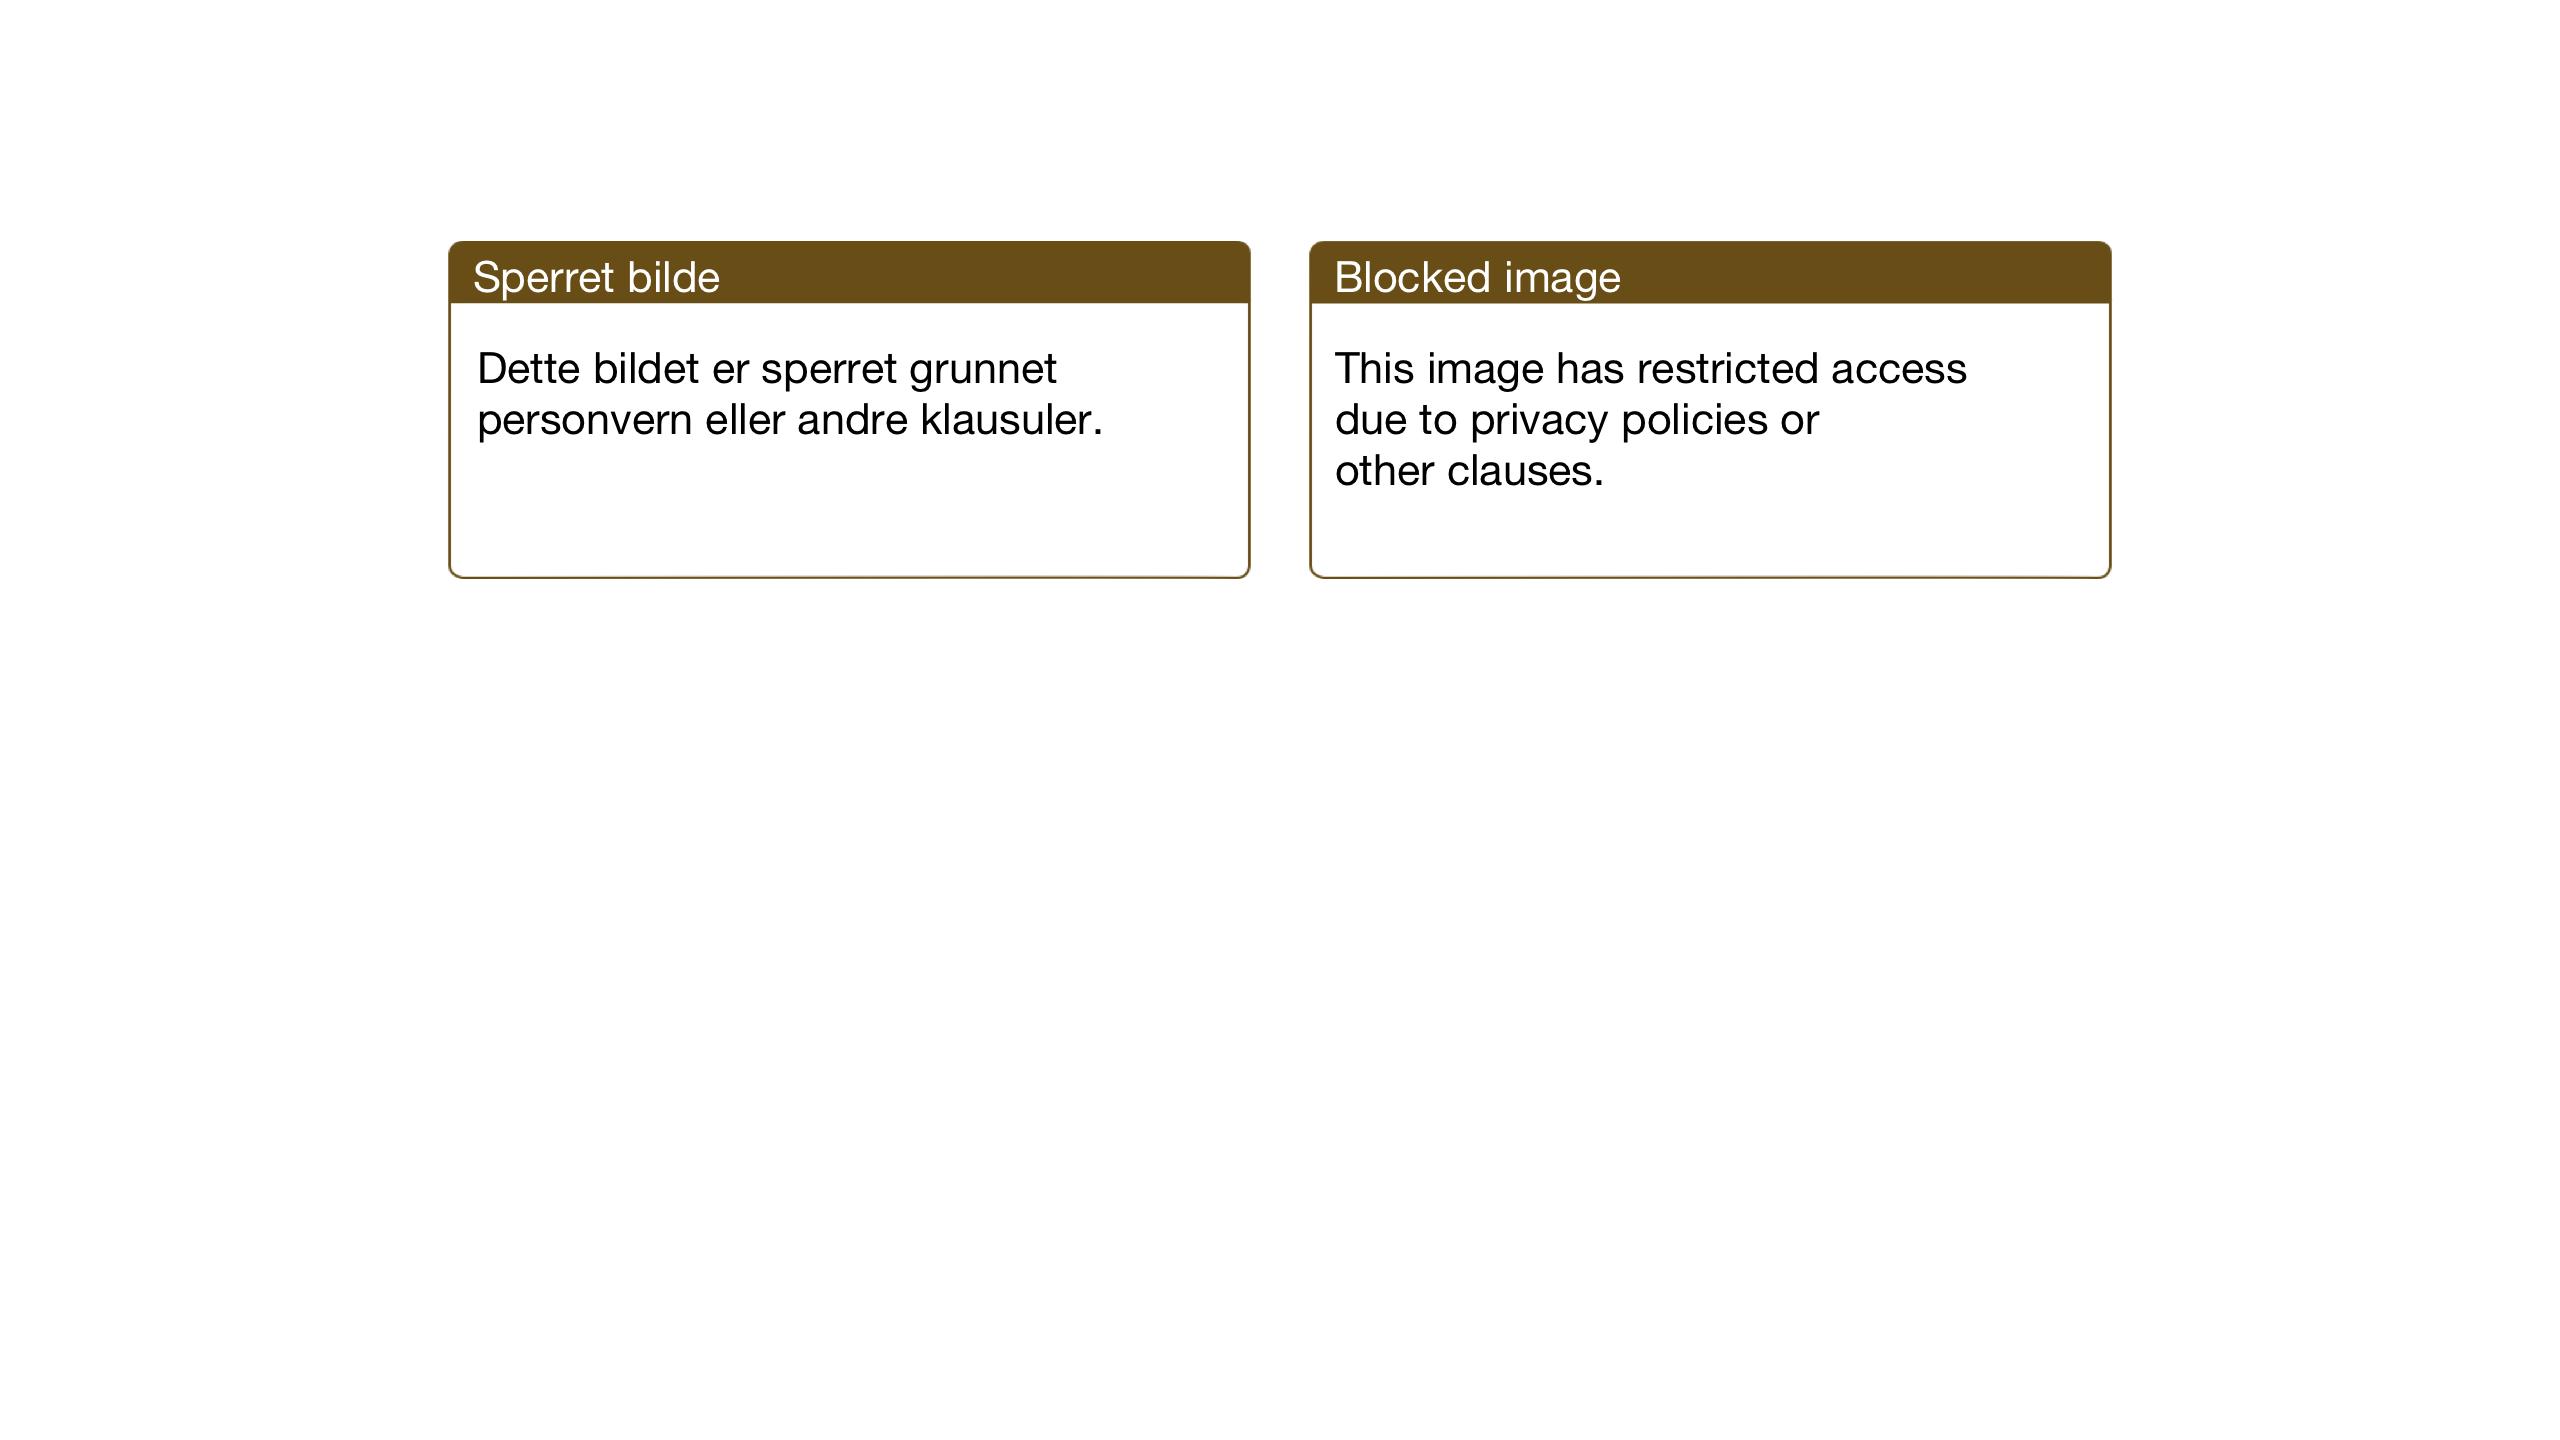 SAT, Ministerialprotokoller, klokkerbøker og fødselsregistre - Sør-Trøndelag, 690/L1053: Klokkerbok nr. 690C03, 1930-1947, s. 26